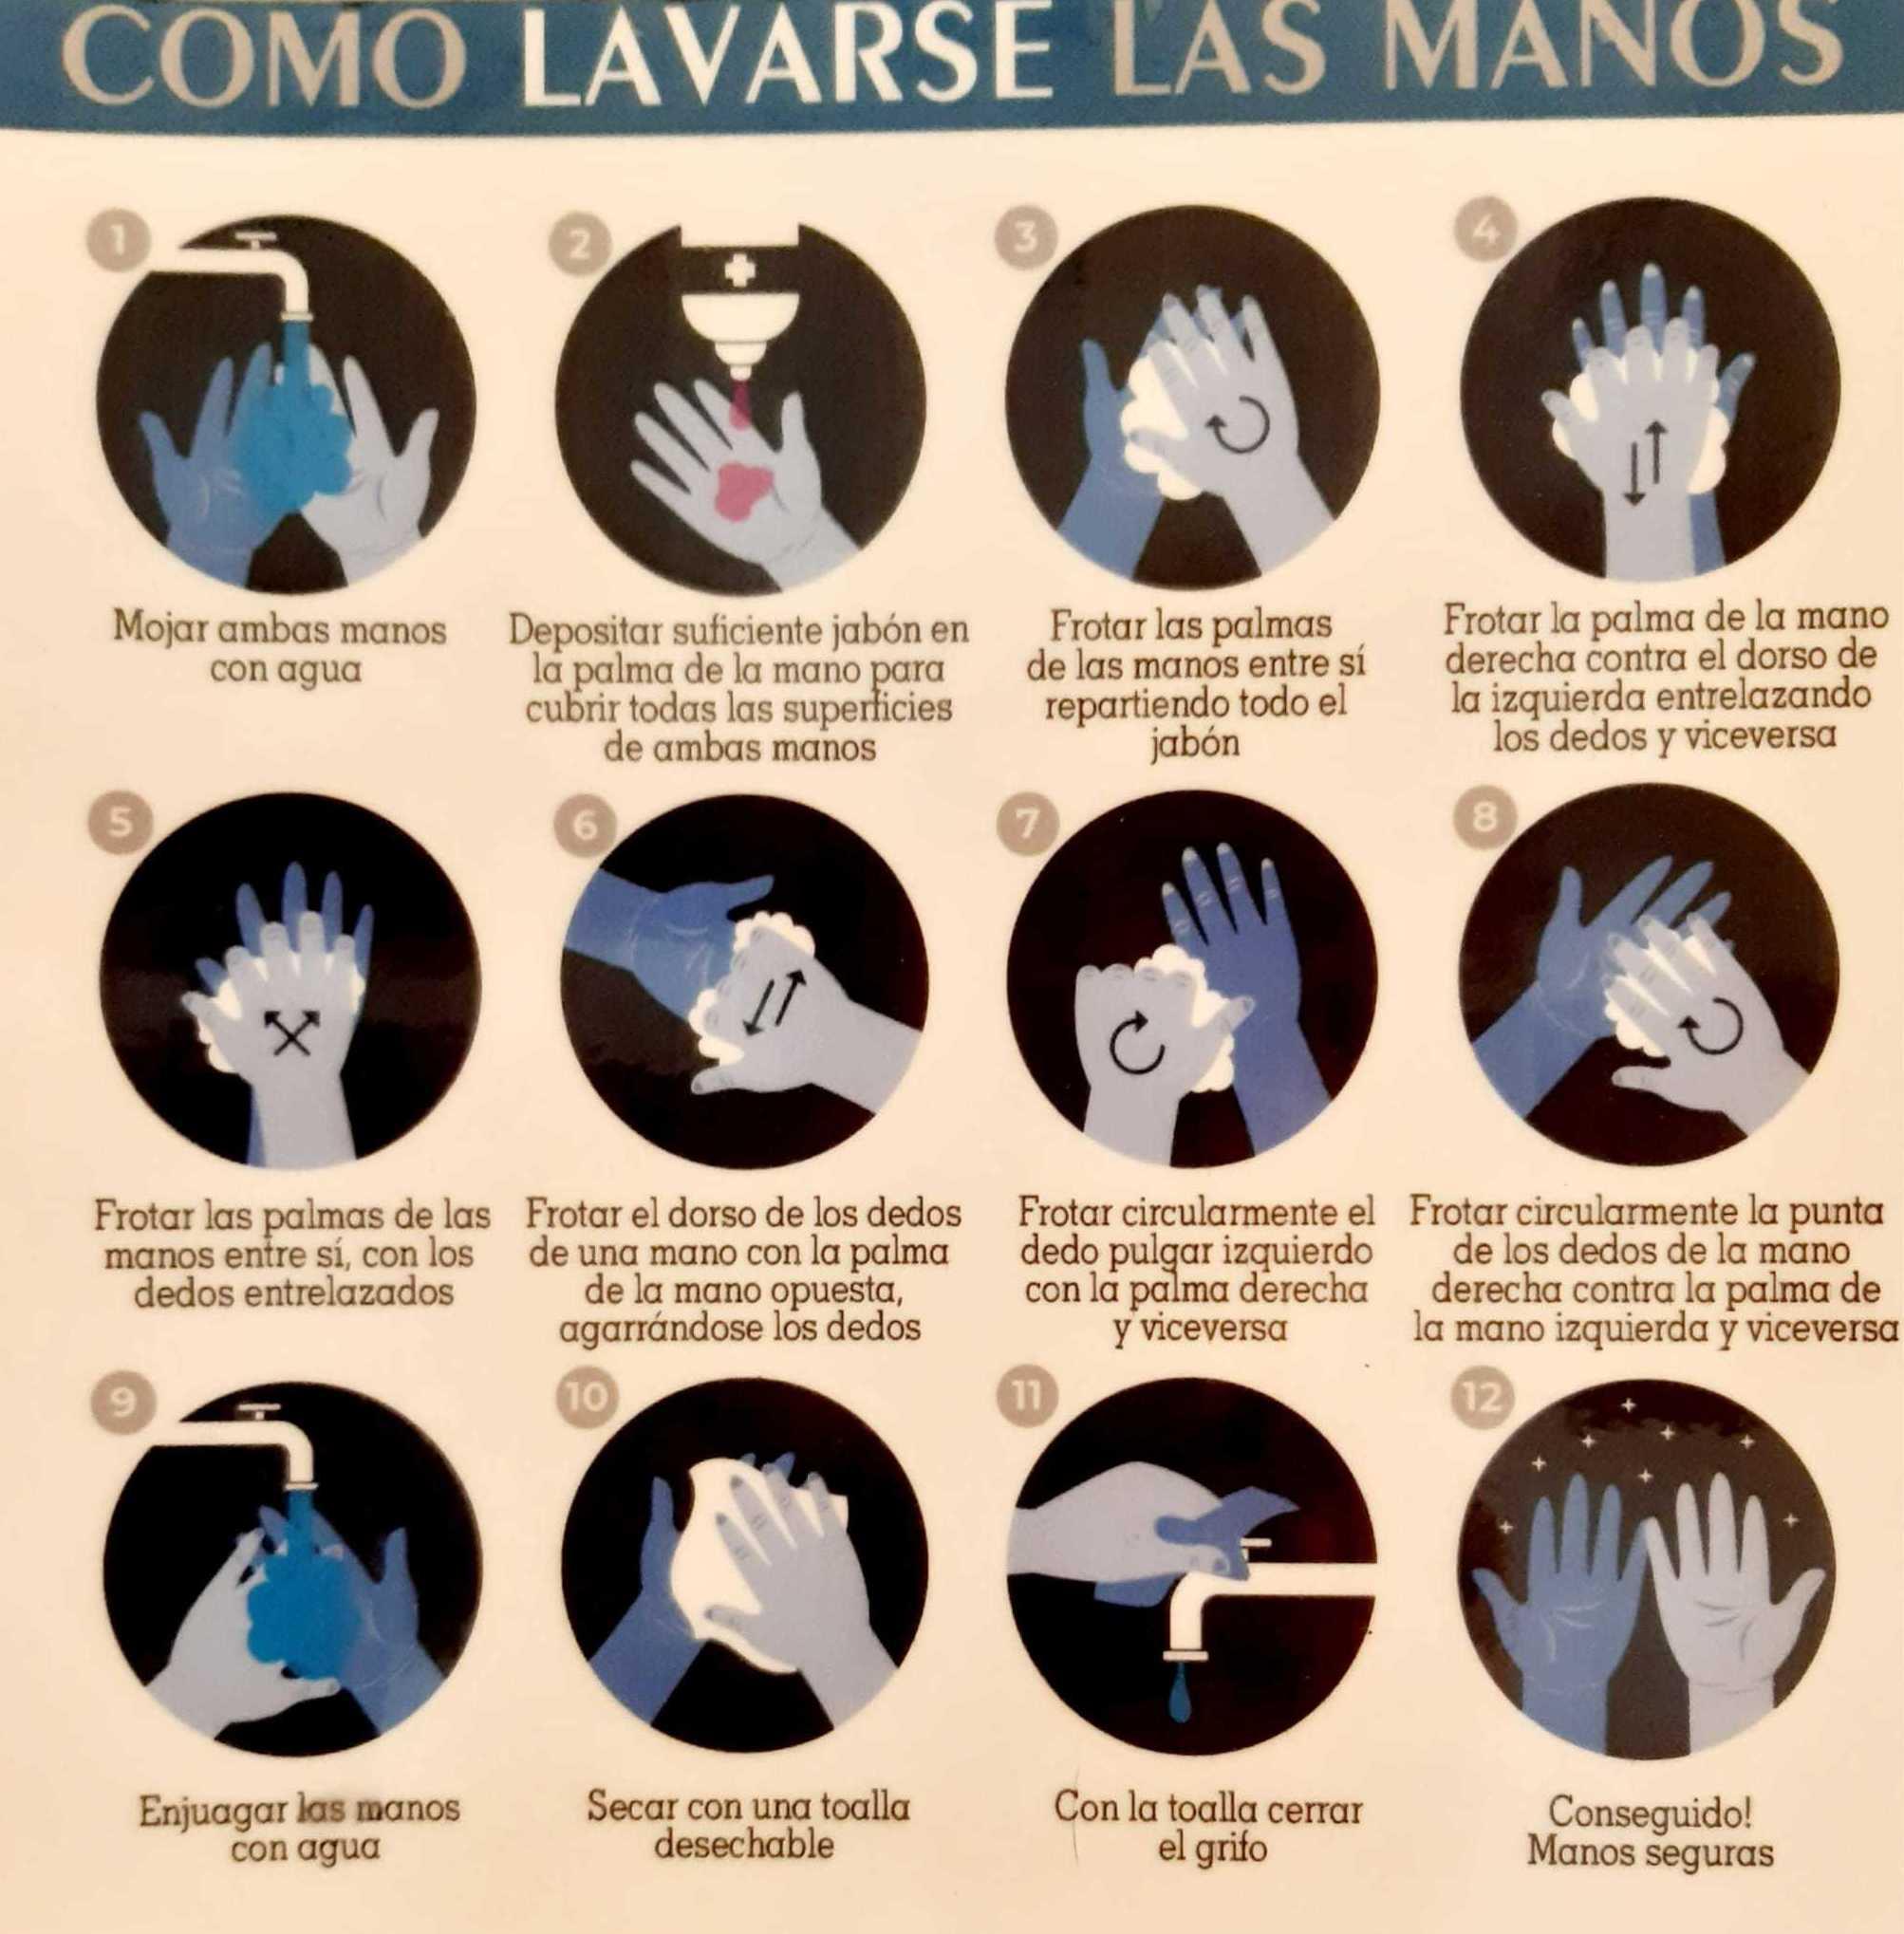 Protocolo para lavarse las manos covid-19